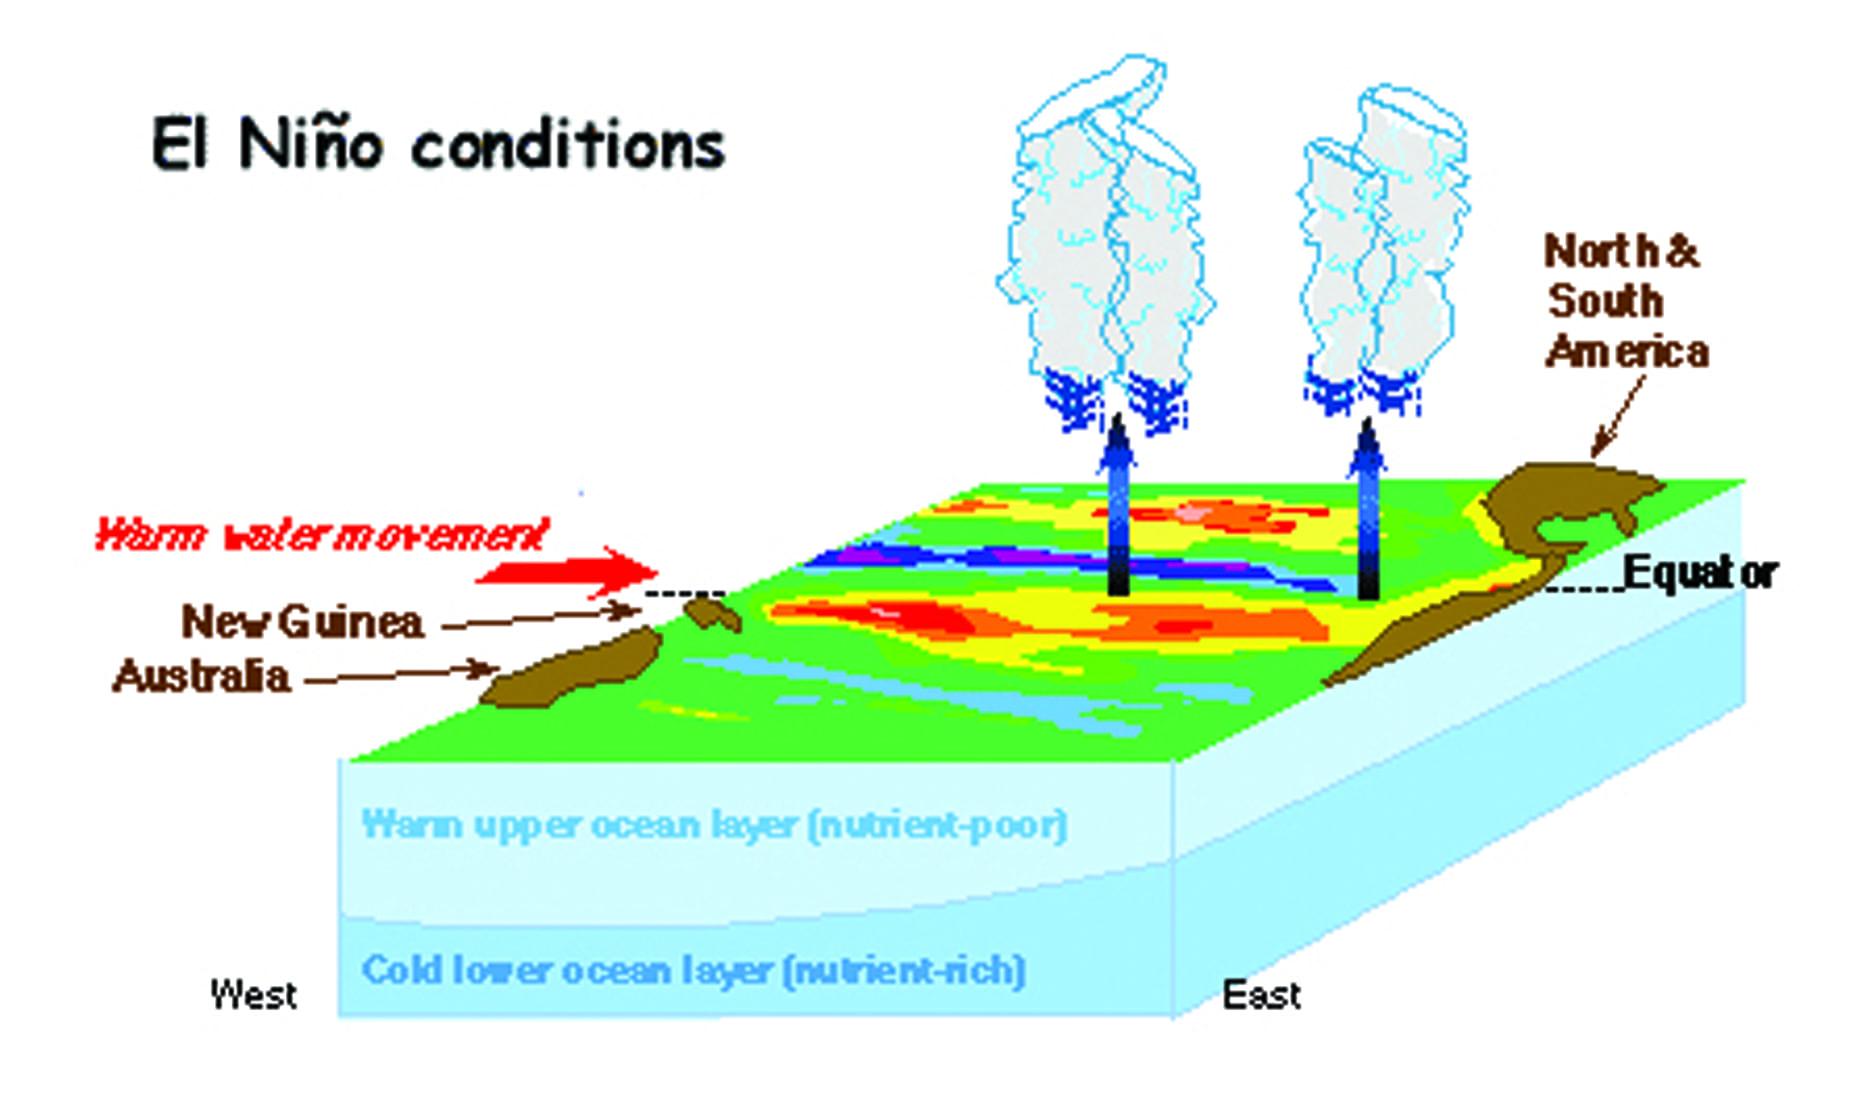 Hiện tượng El Niño ảnh hưởng tới thời tiết như thế nào? - 3